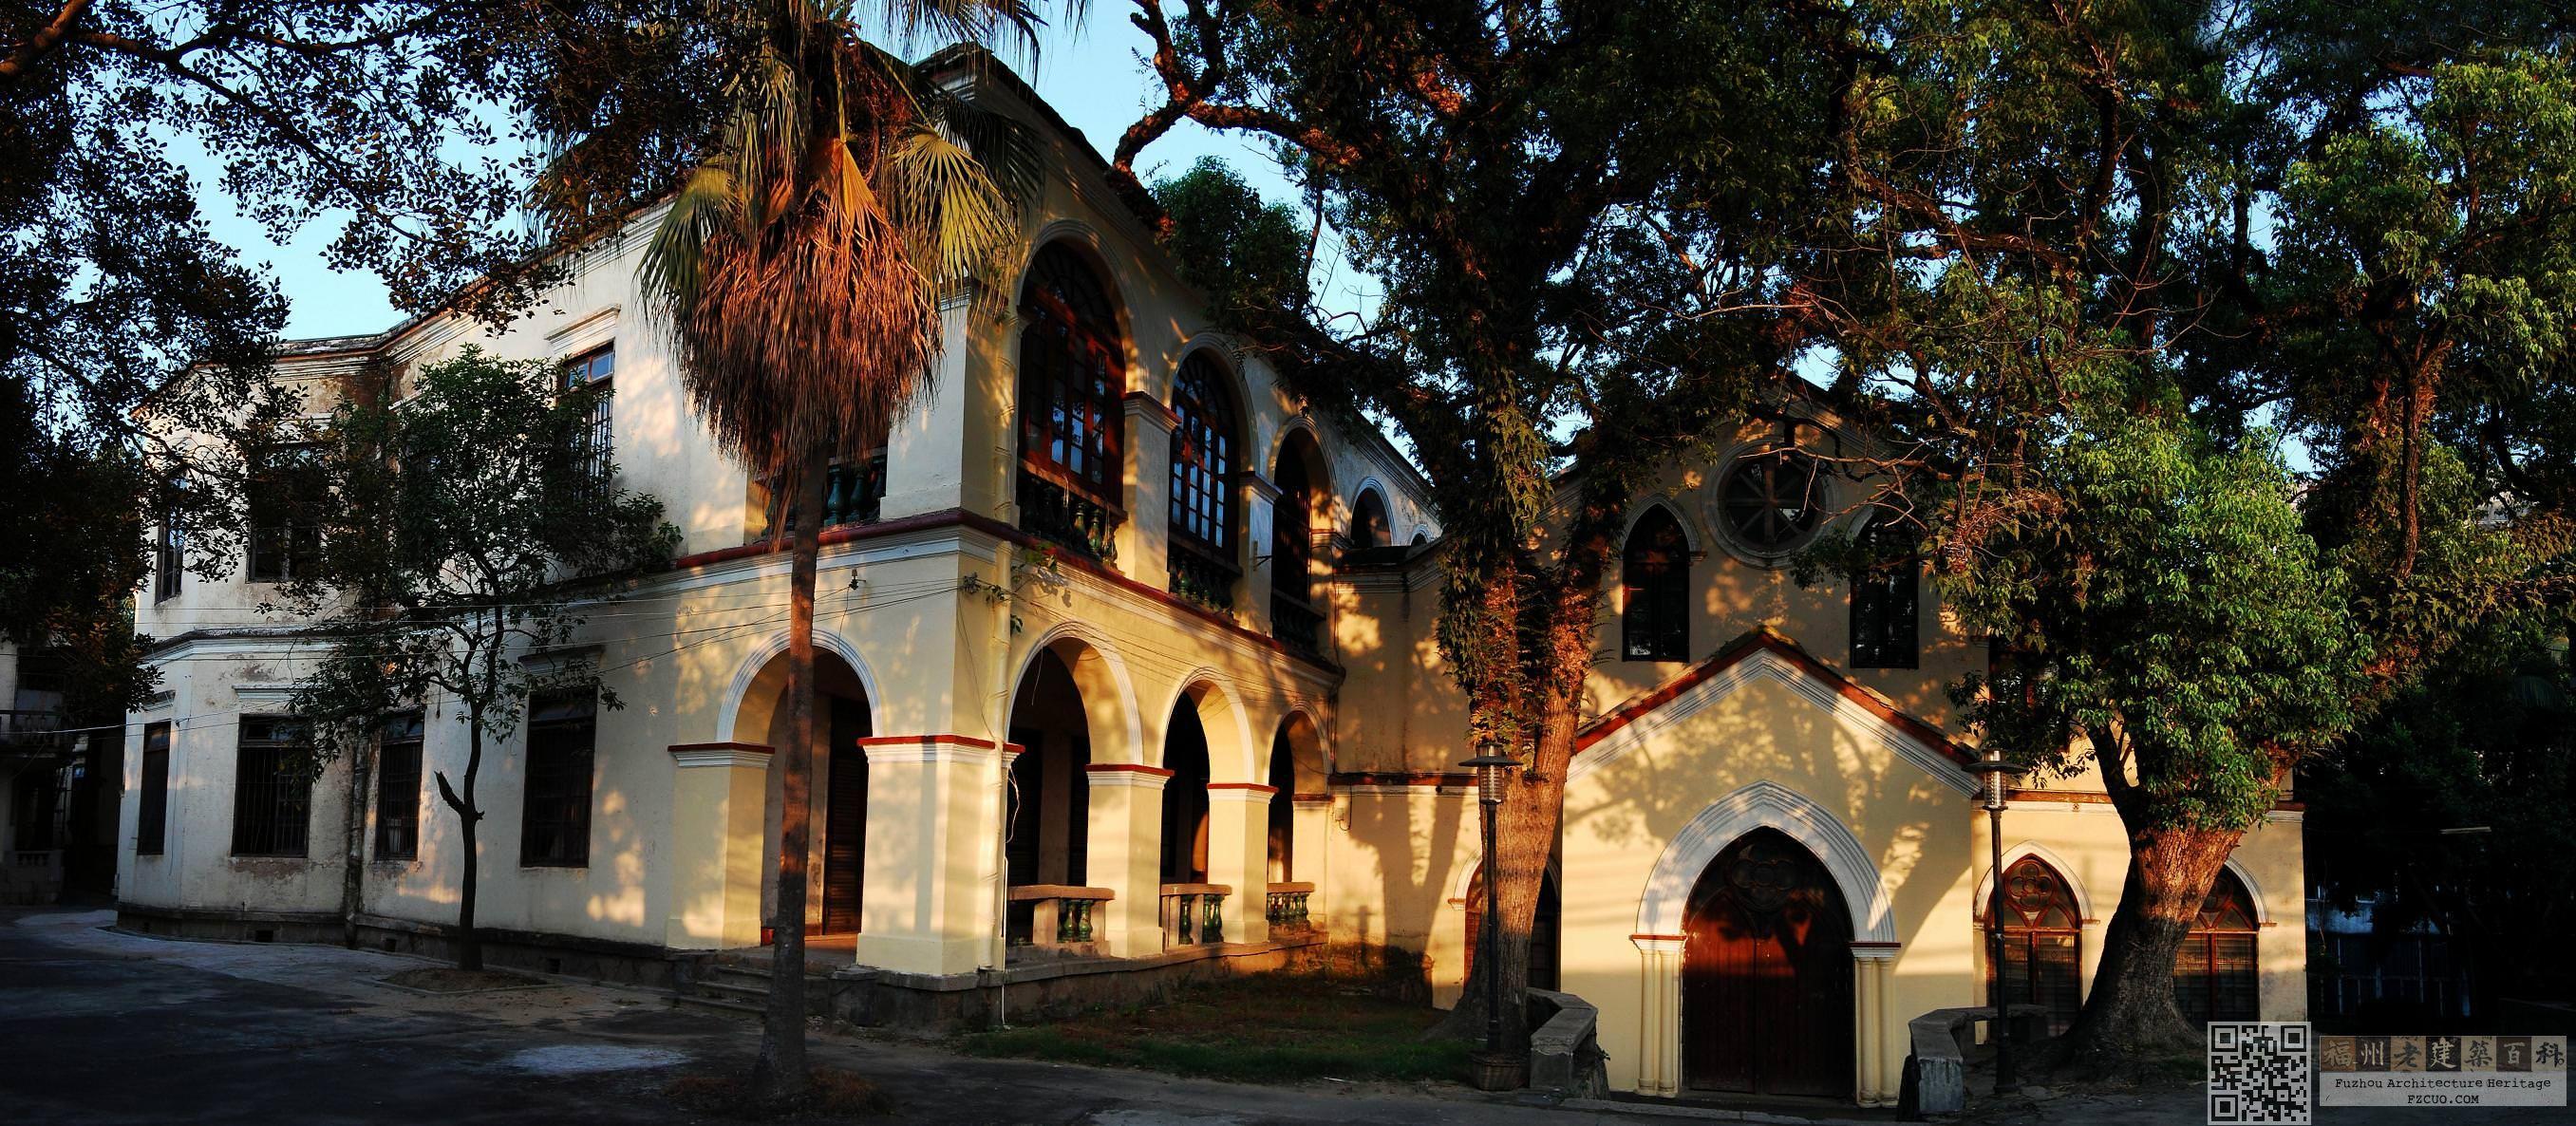 夕阳下的陶淑女子学校(拍摄:池志海 / 2011年8月)